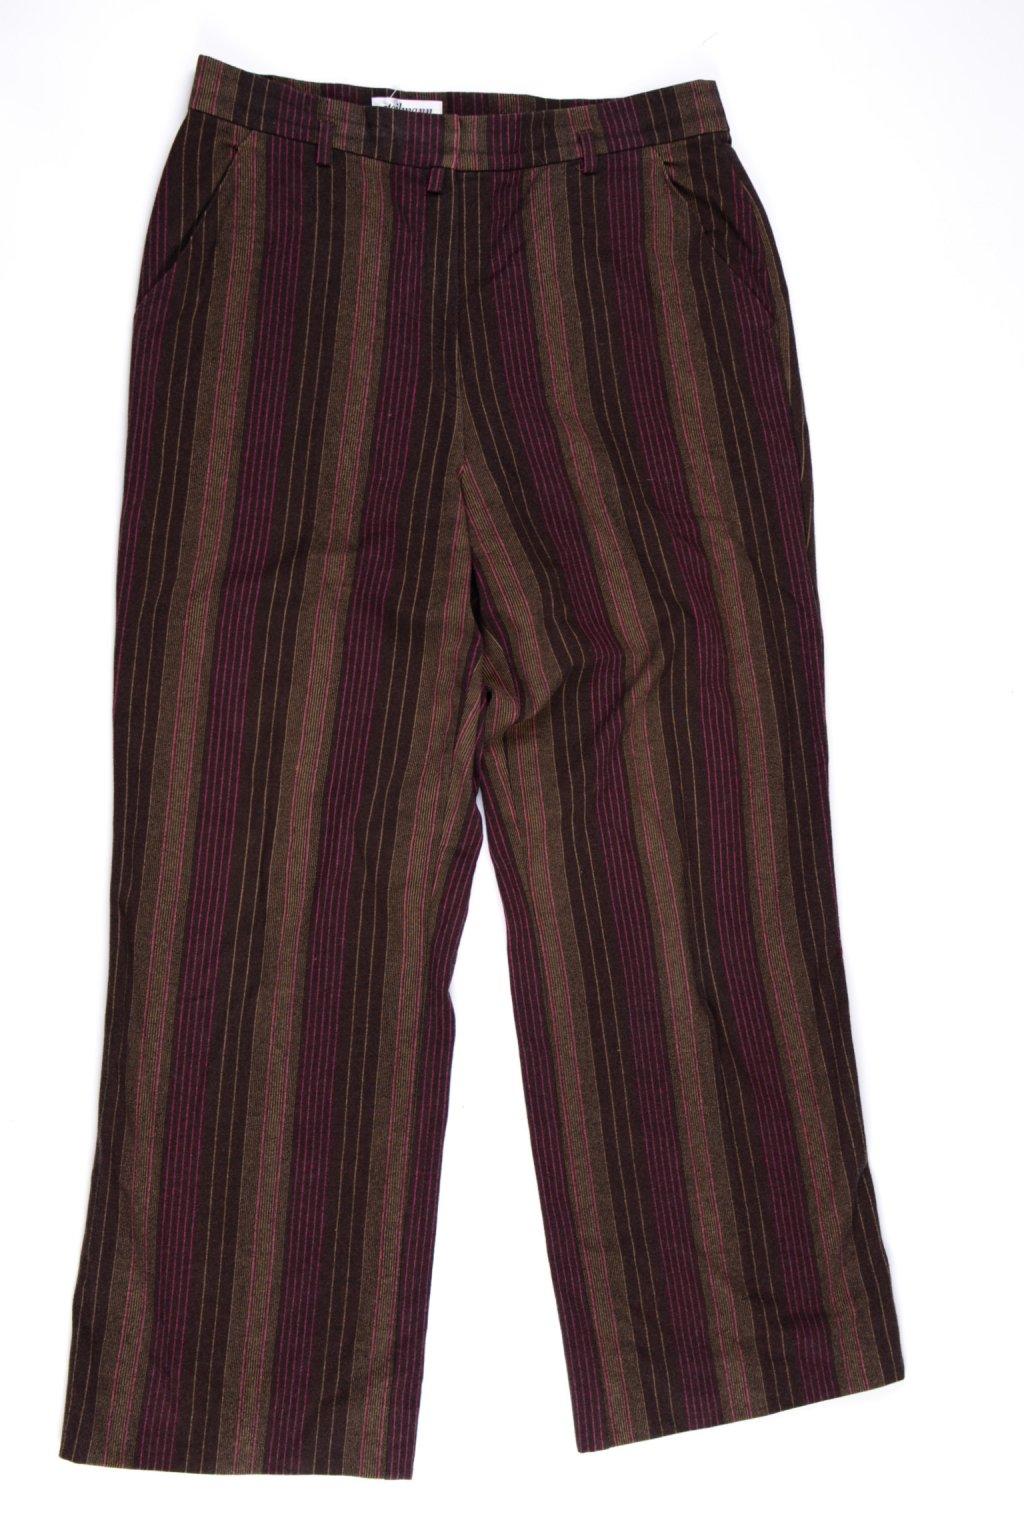 Kalhoty formální Steilmann vel M/UK14/40 hnědé proužek